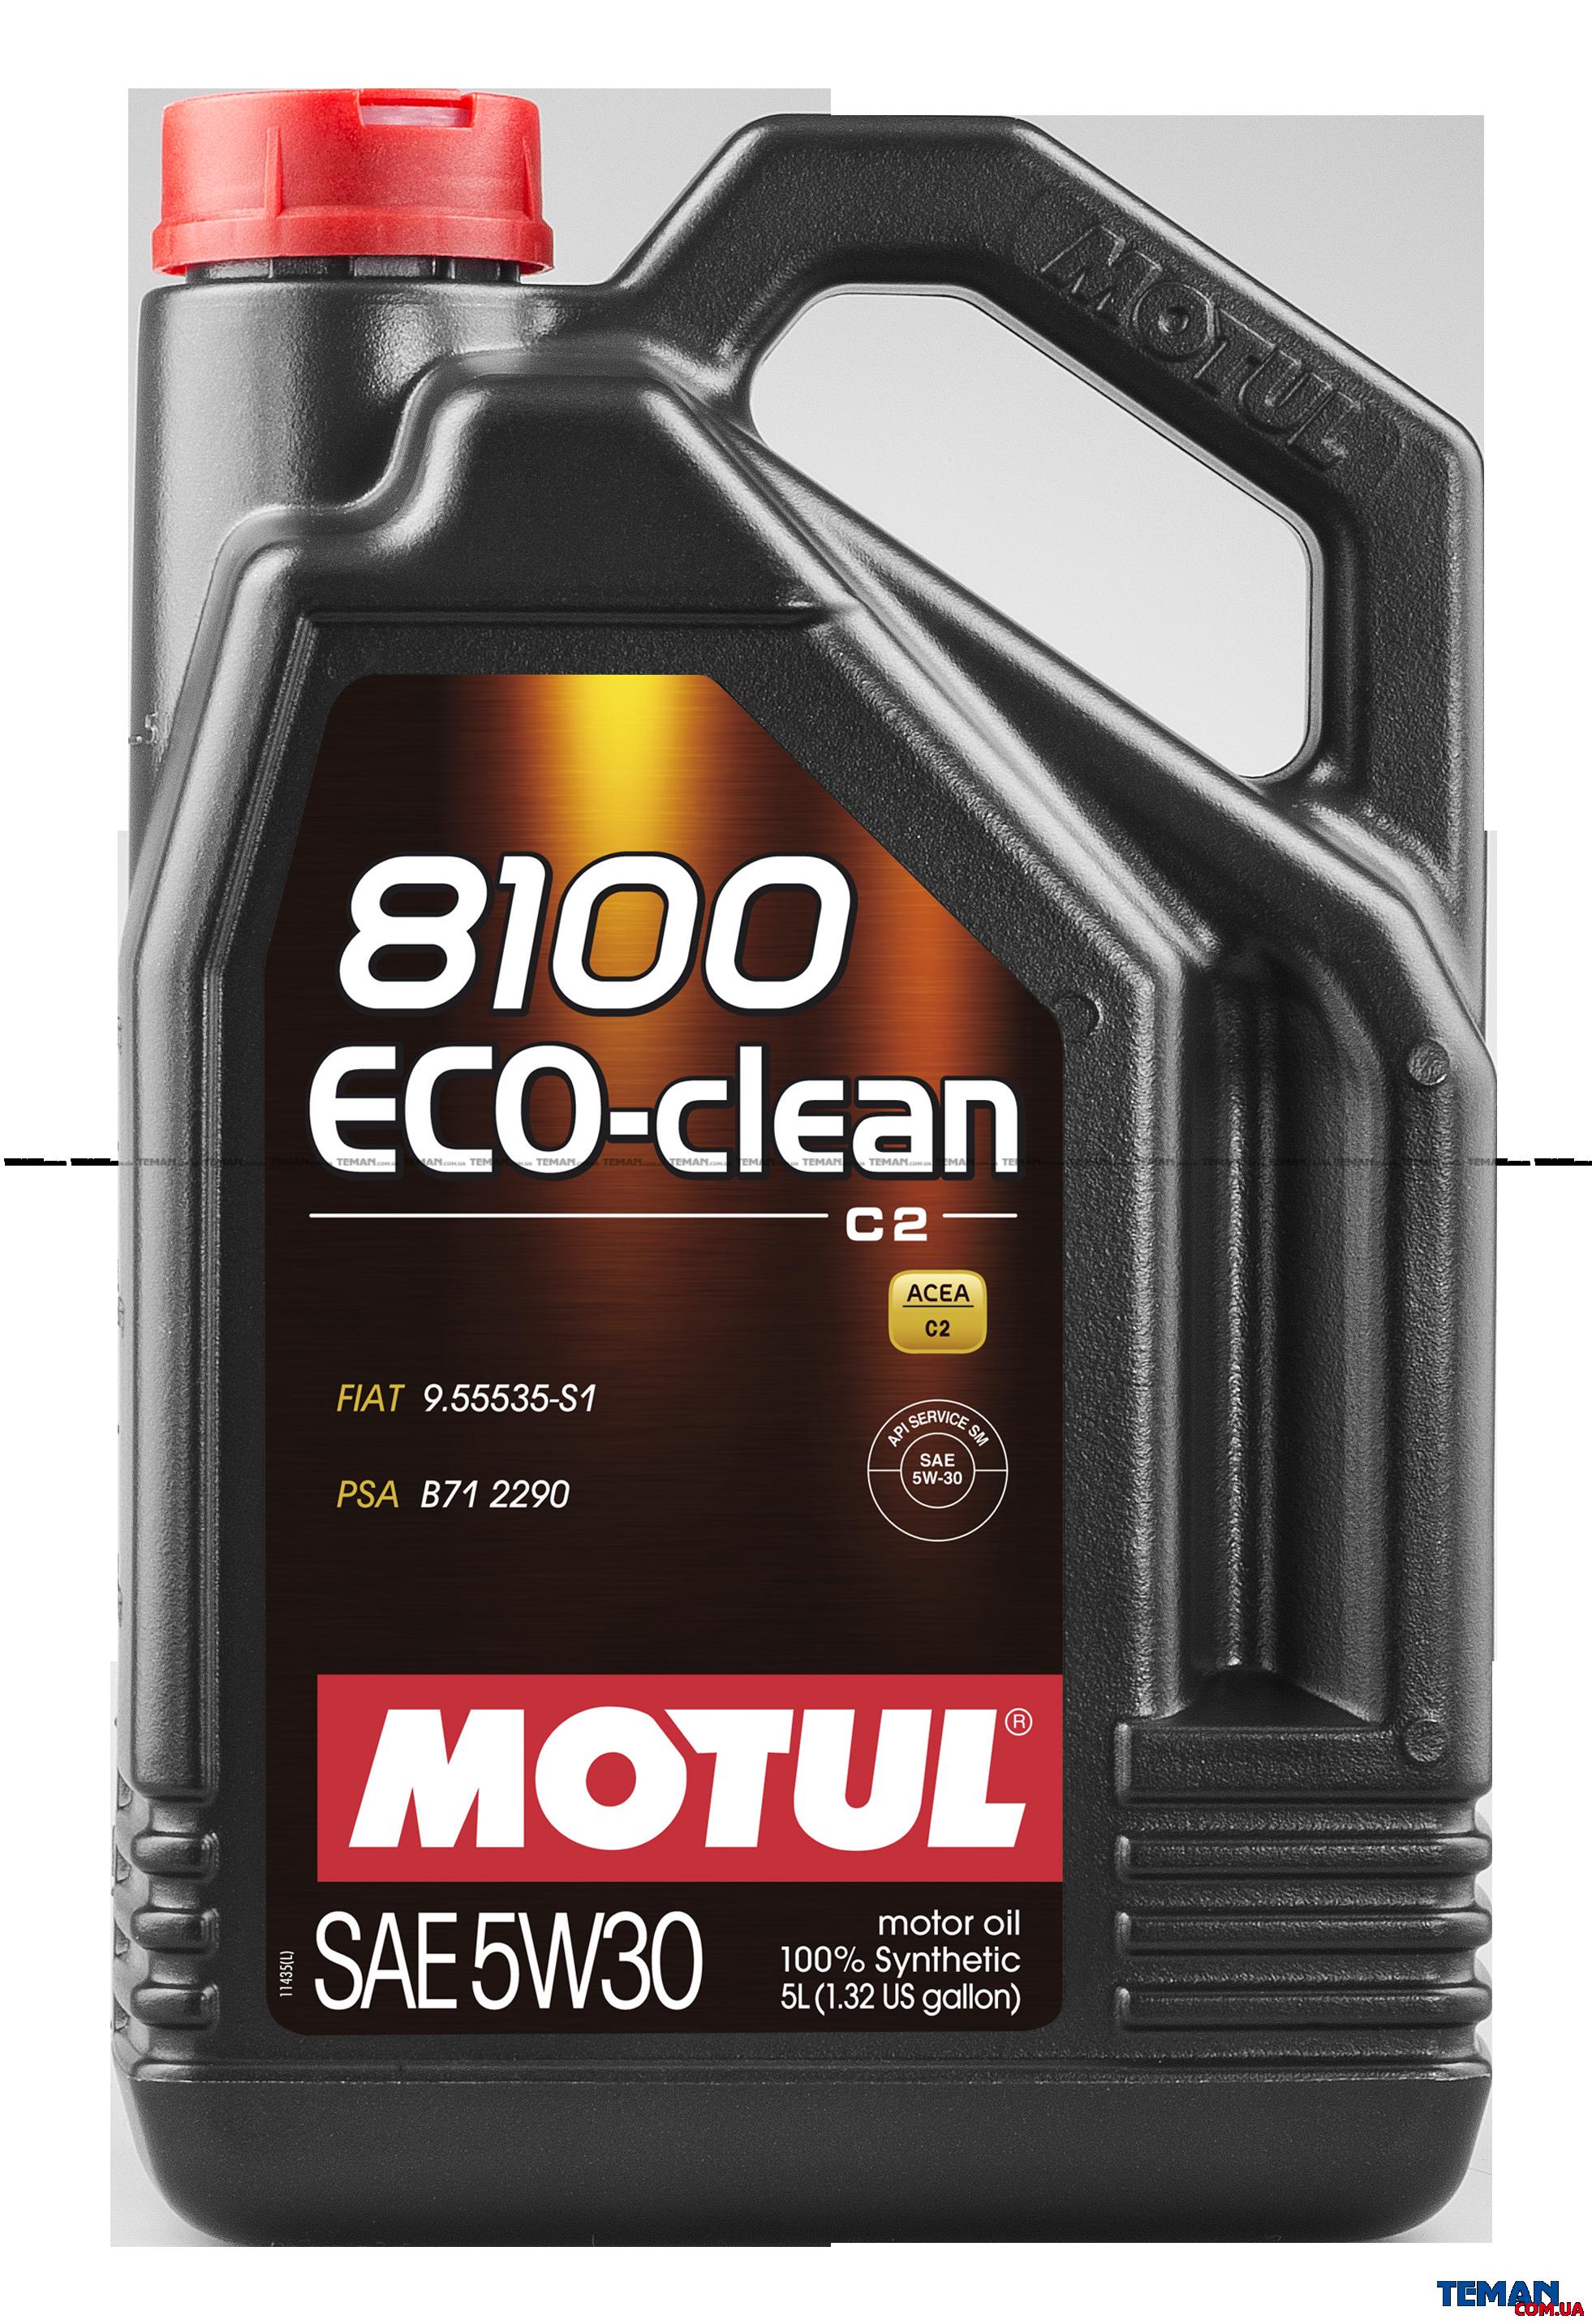 Синтетическое моторное масло 8100 Eco-clean SAE 5W30, 5 л